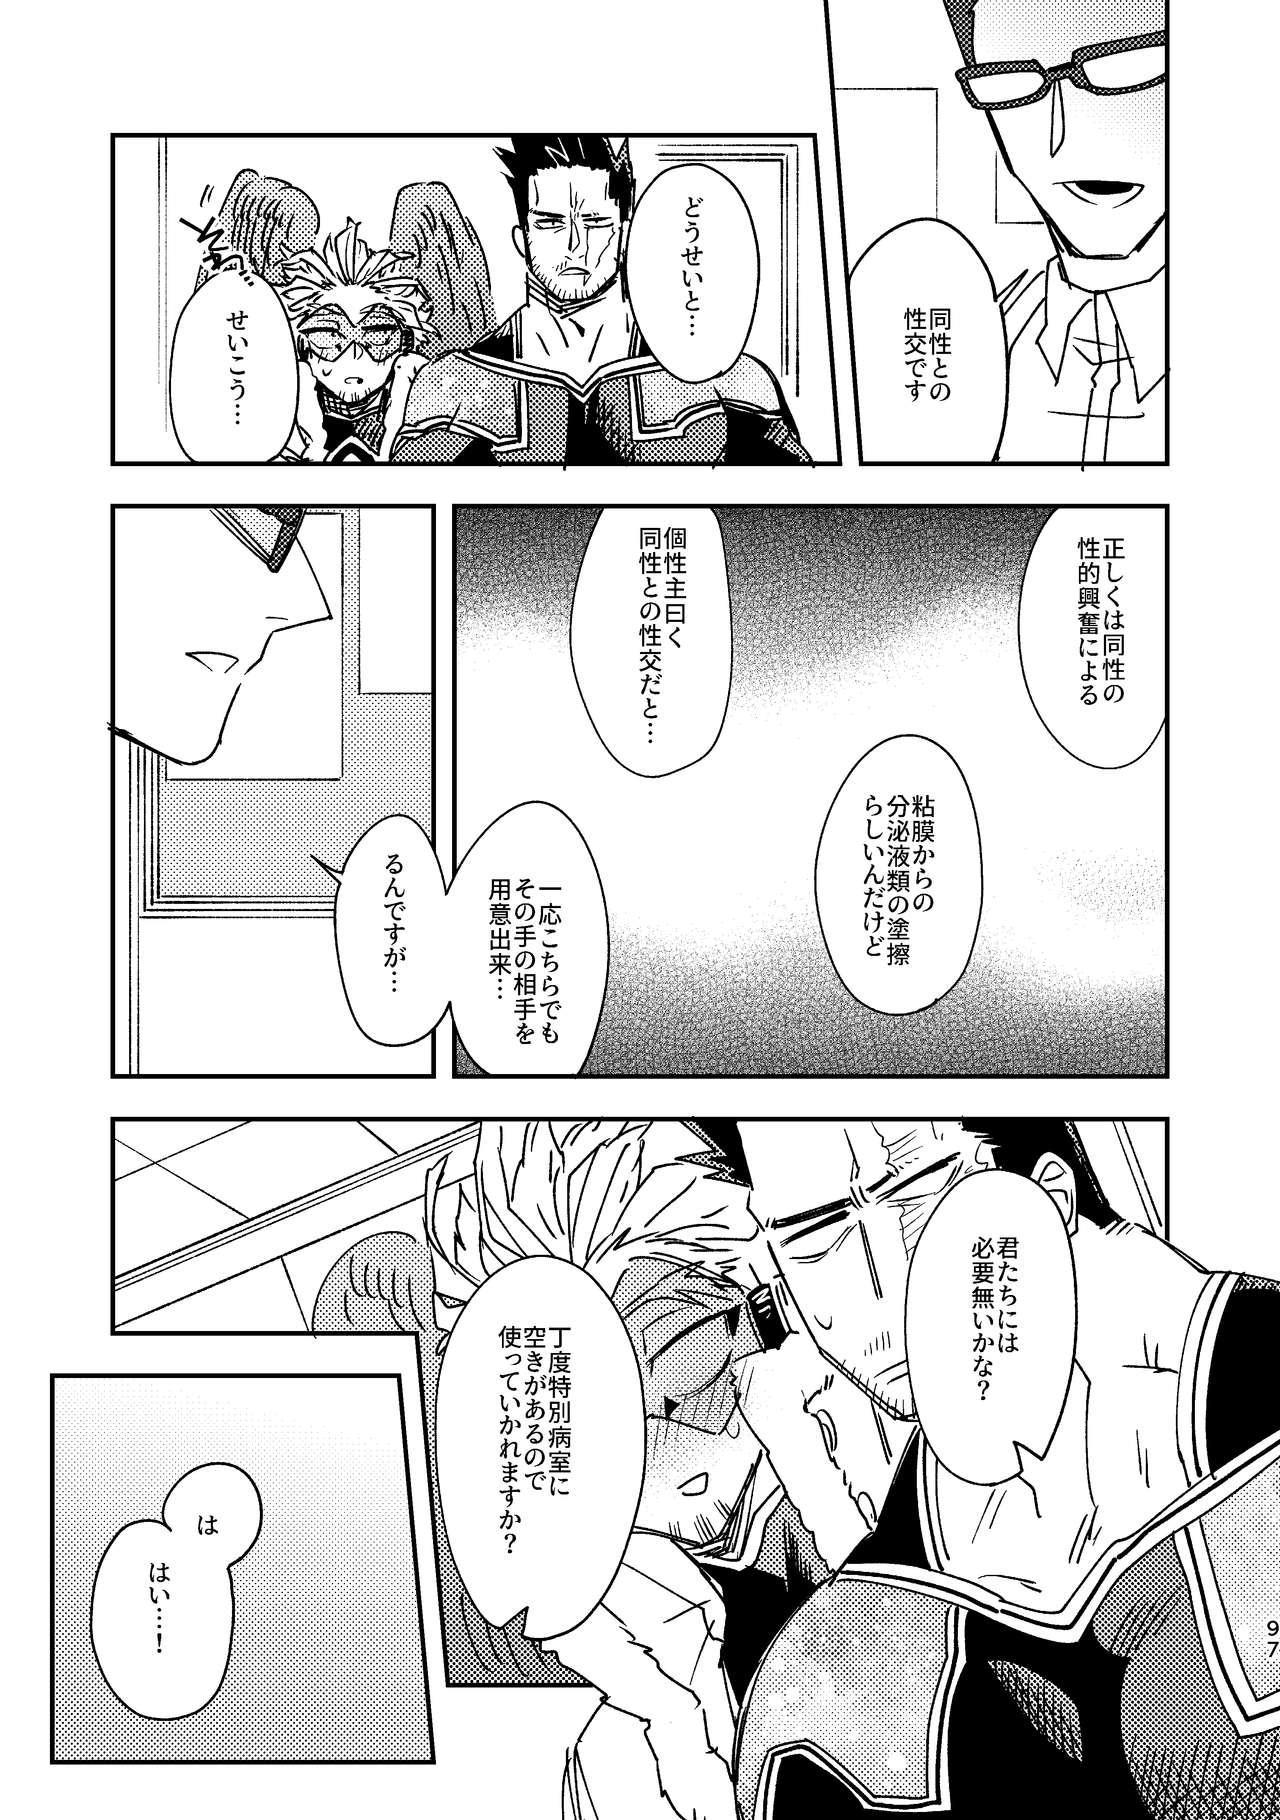 WEB Sairoku Zumi HawEn Manga ga Kami demo Yomeru Hon. 96